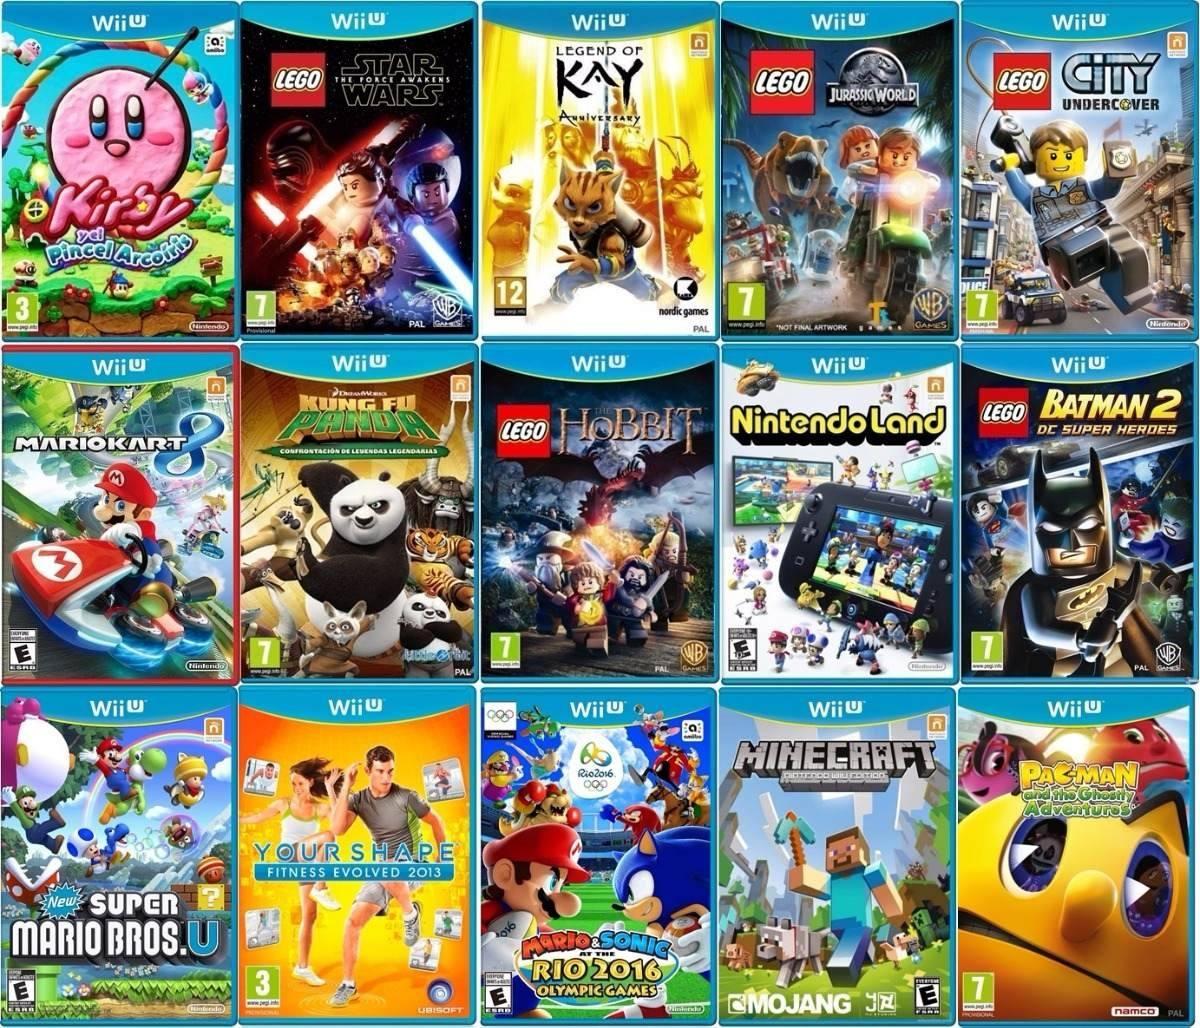 Juego Wii U 40 00 En Mercado Libre